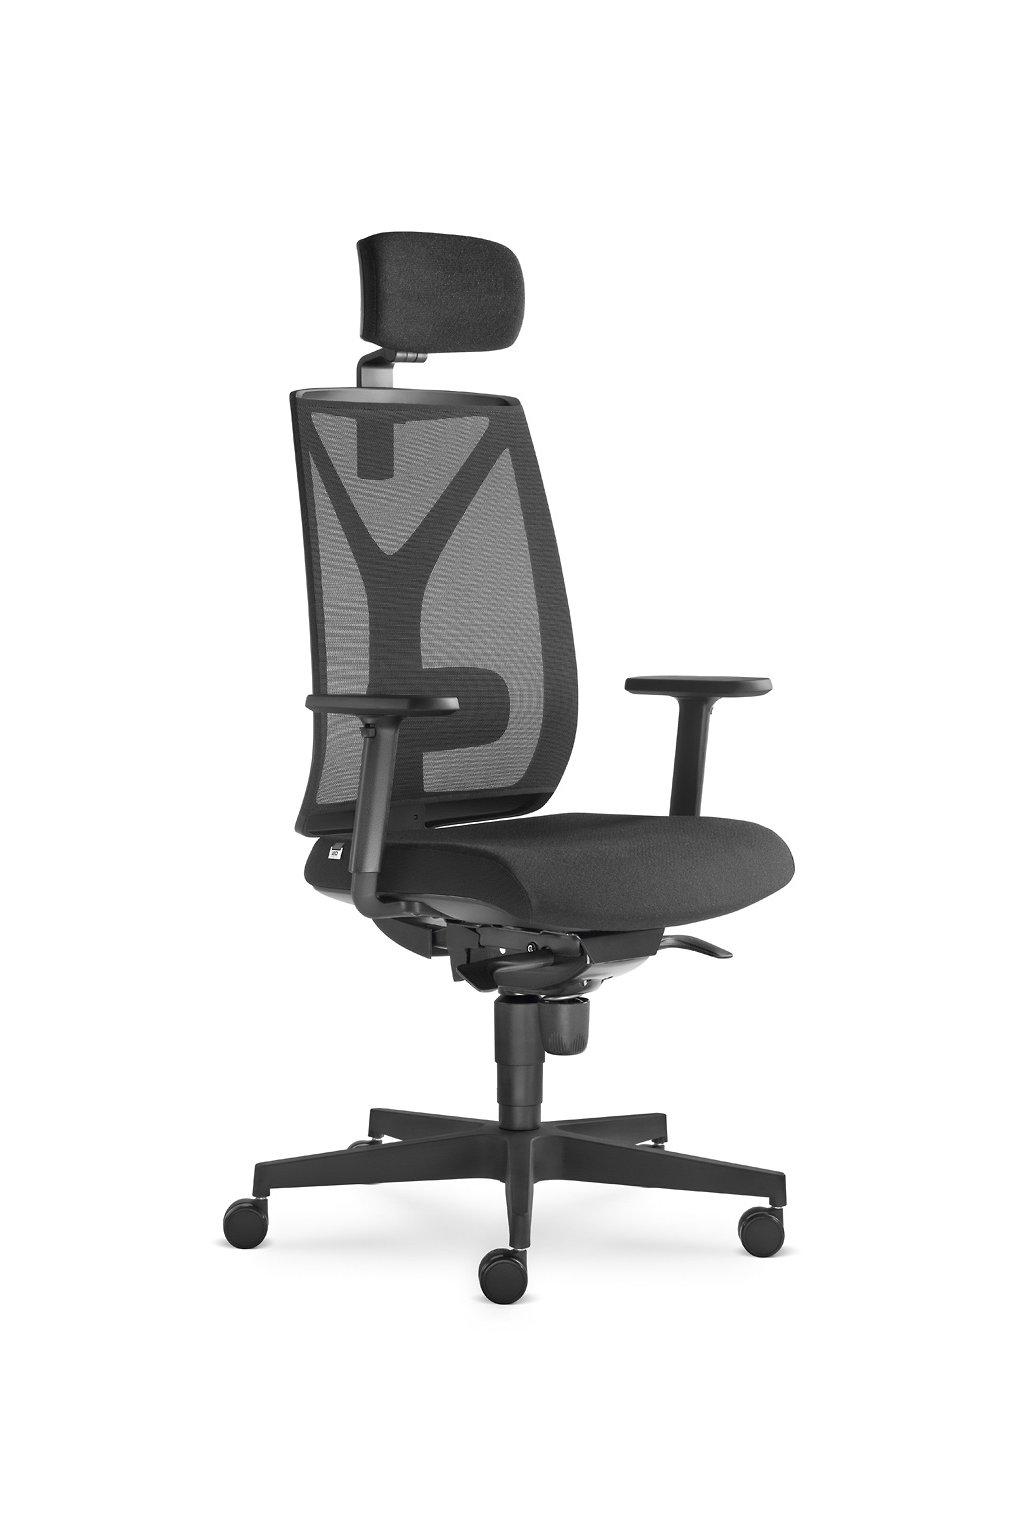 Kancelářská židle LEAF 503 SYS - P - BR209